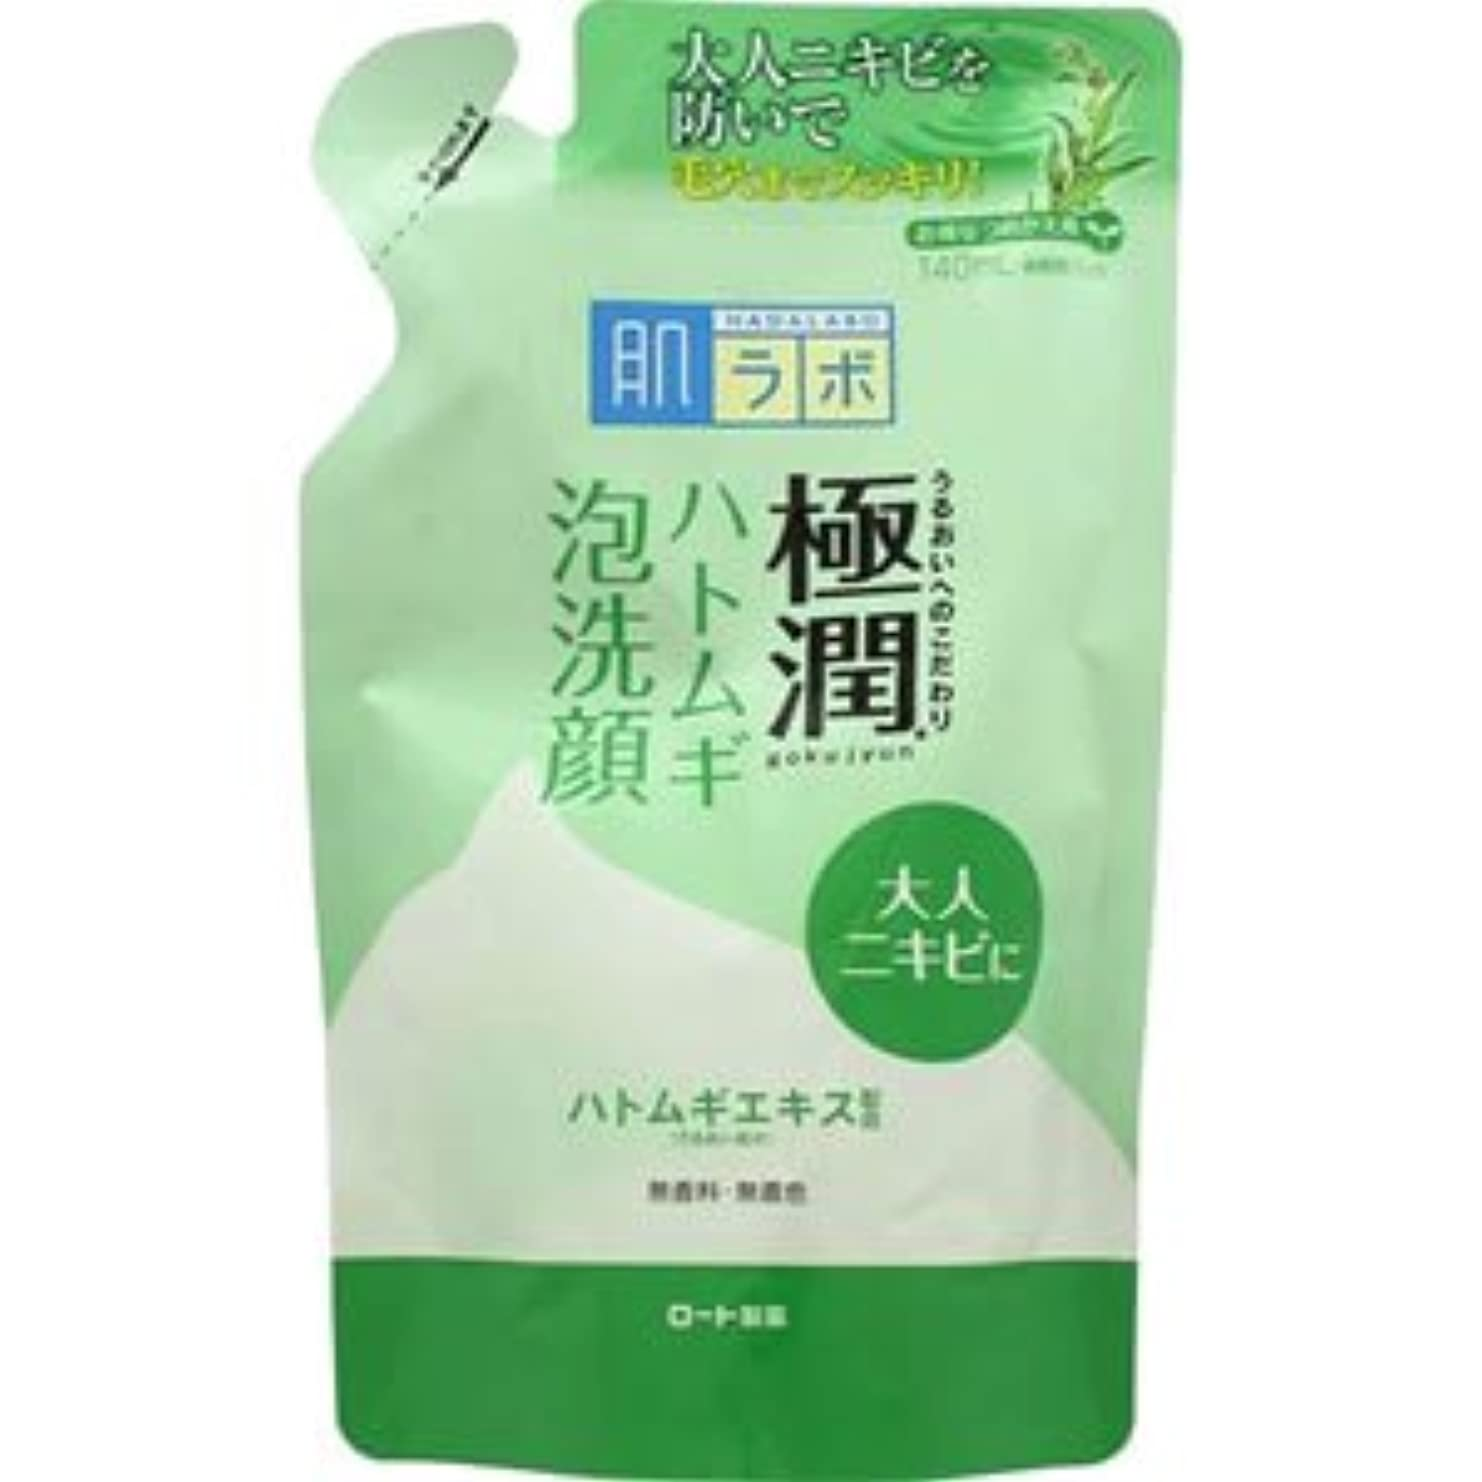 (ロート製薬)肌研 極潤ハトムギ泡洗顔 140ml(つめかえ用)(お買い得3個セット)